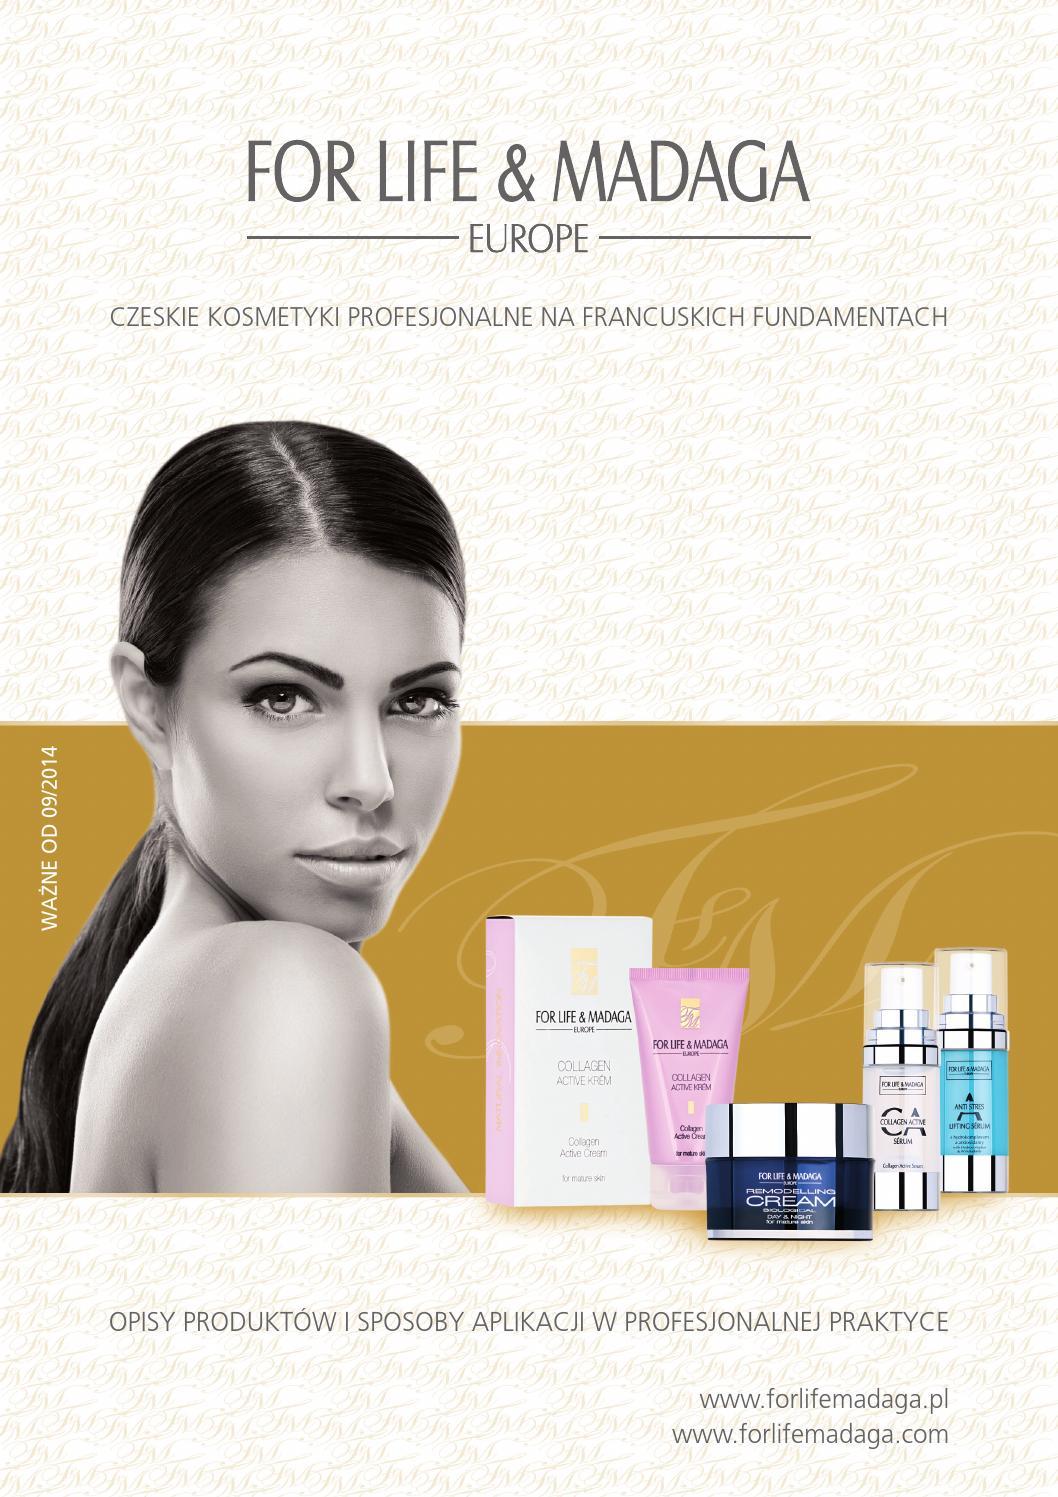 For Life & MADAGA - Czeskie Kosmetyki